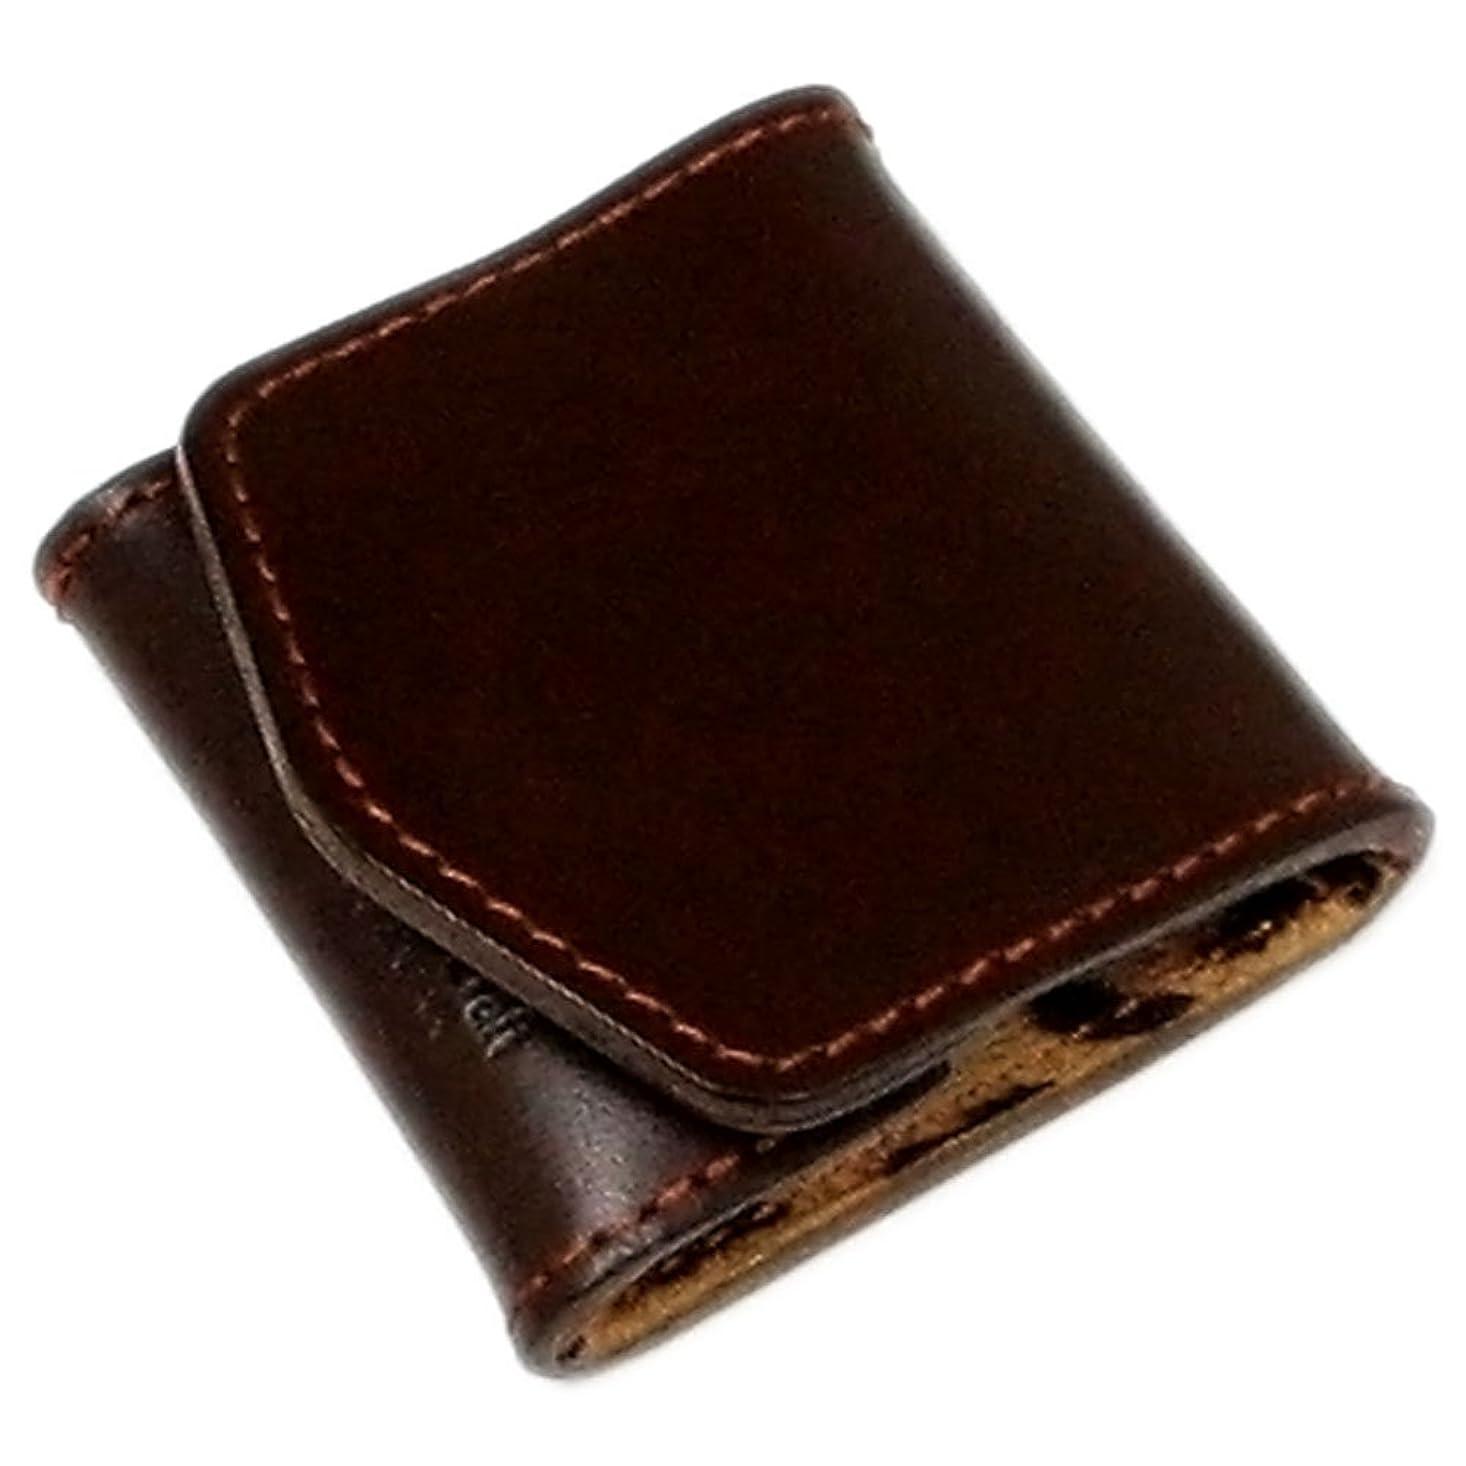 信頼くつろぎ服を片付けるコインケース ボックス型 小銭入れ レオパードシリーズlpd3